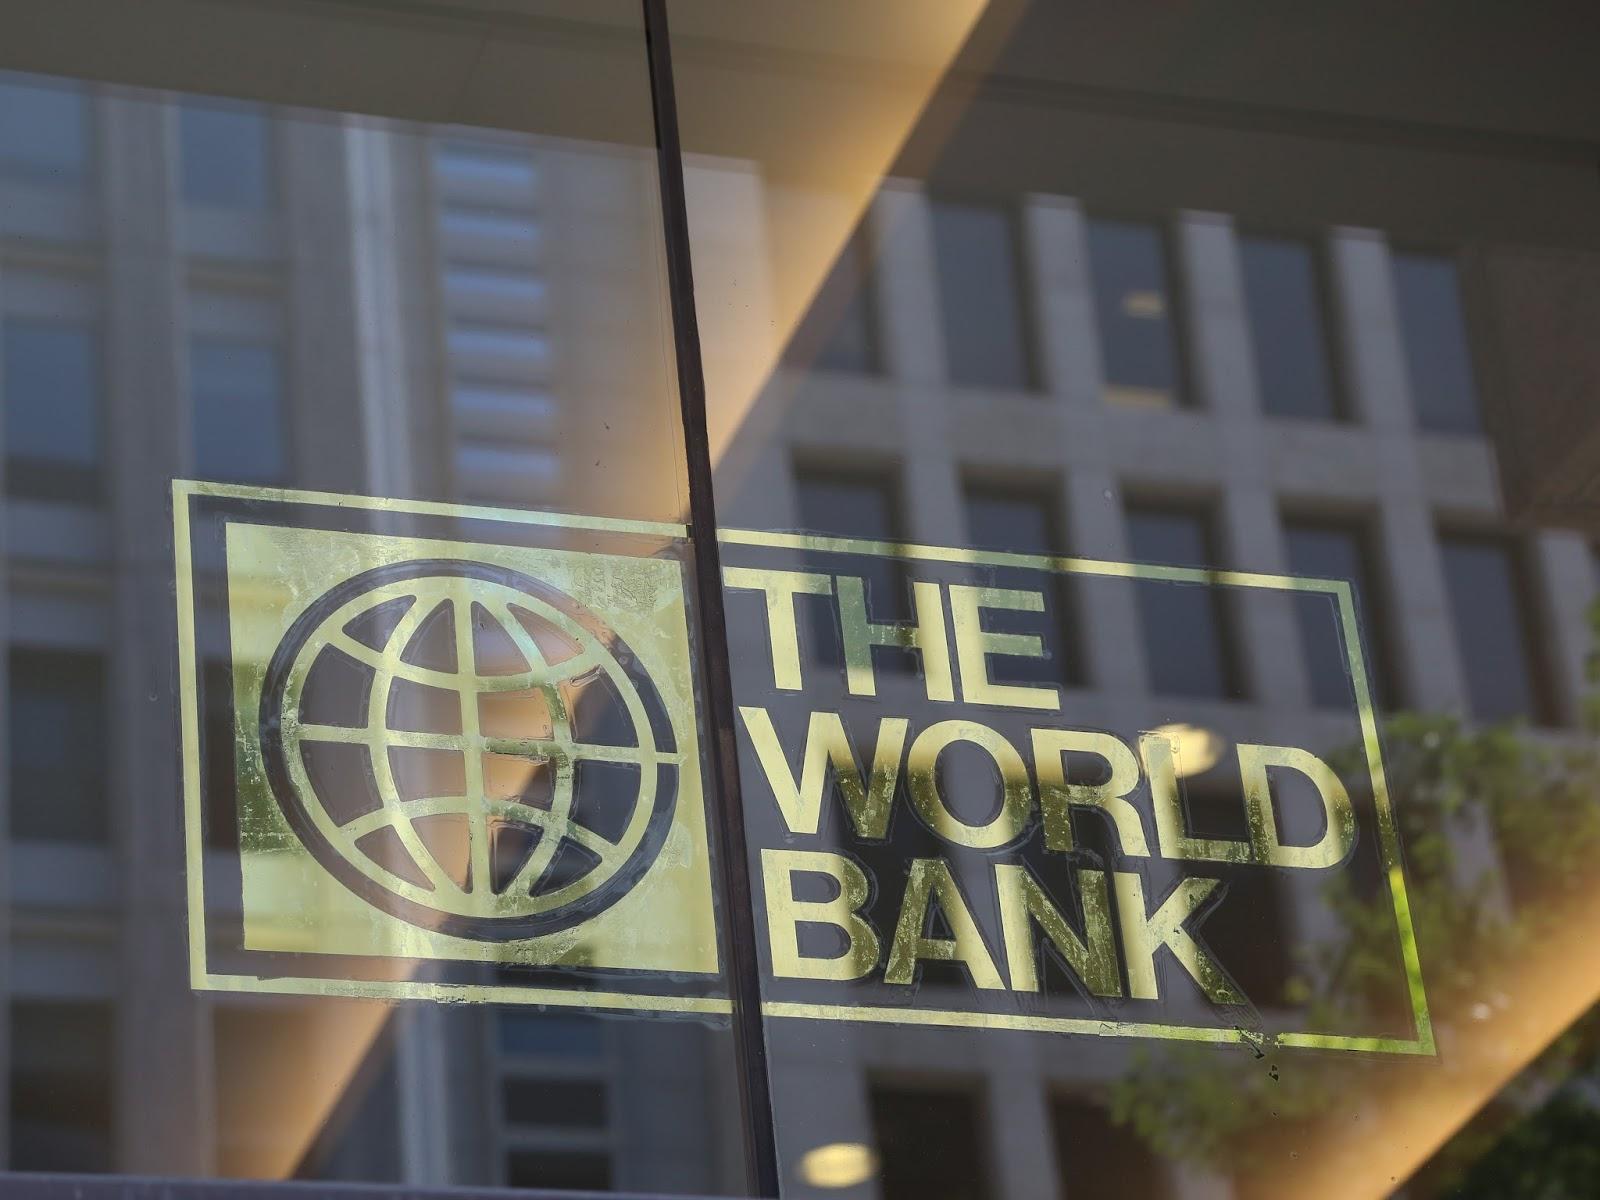 البنك الدولي: الوضع السياسي سيختبر قدرة مصر على الإصلاح الاقتصادي